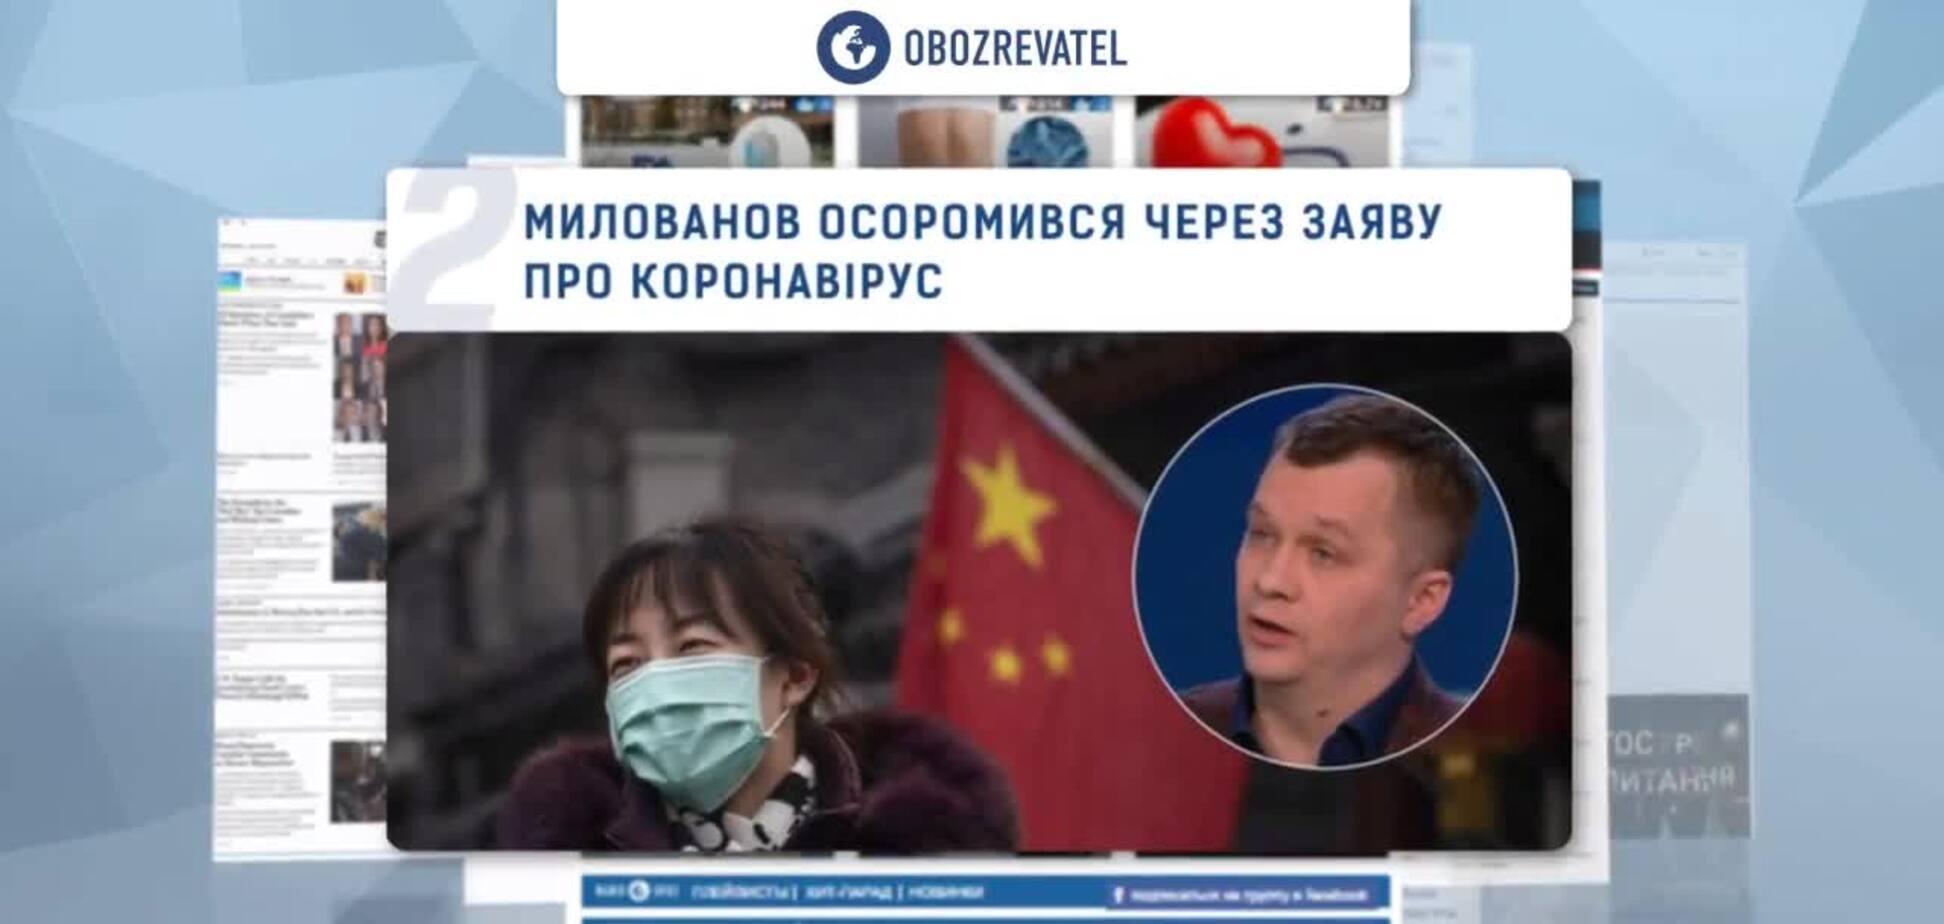 TOP 5 NEWS 15.02.2020